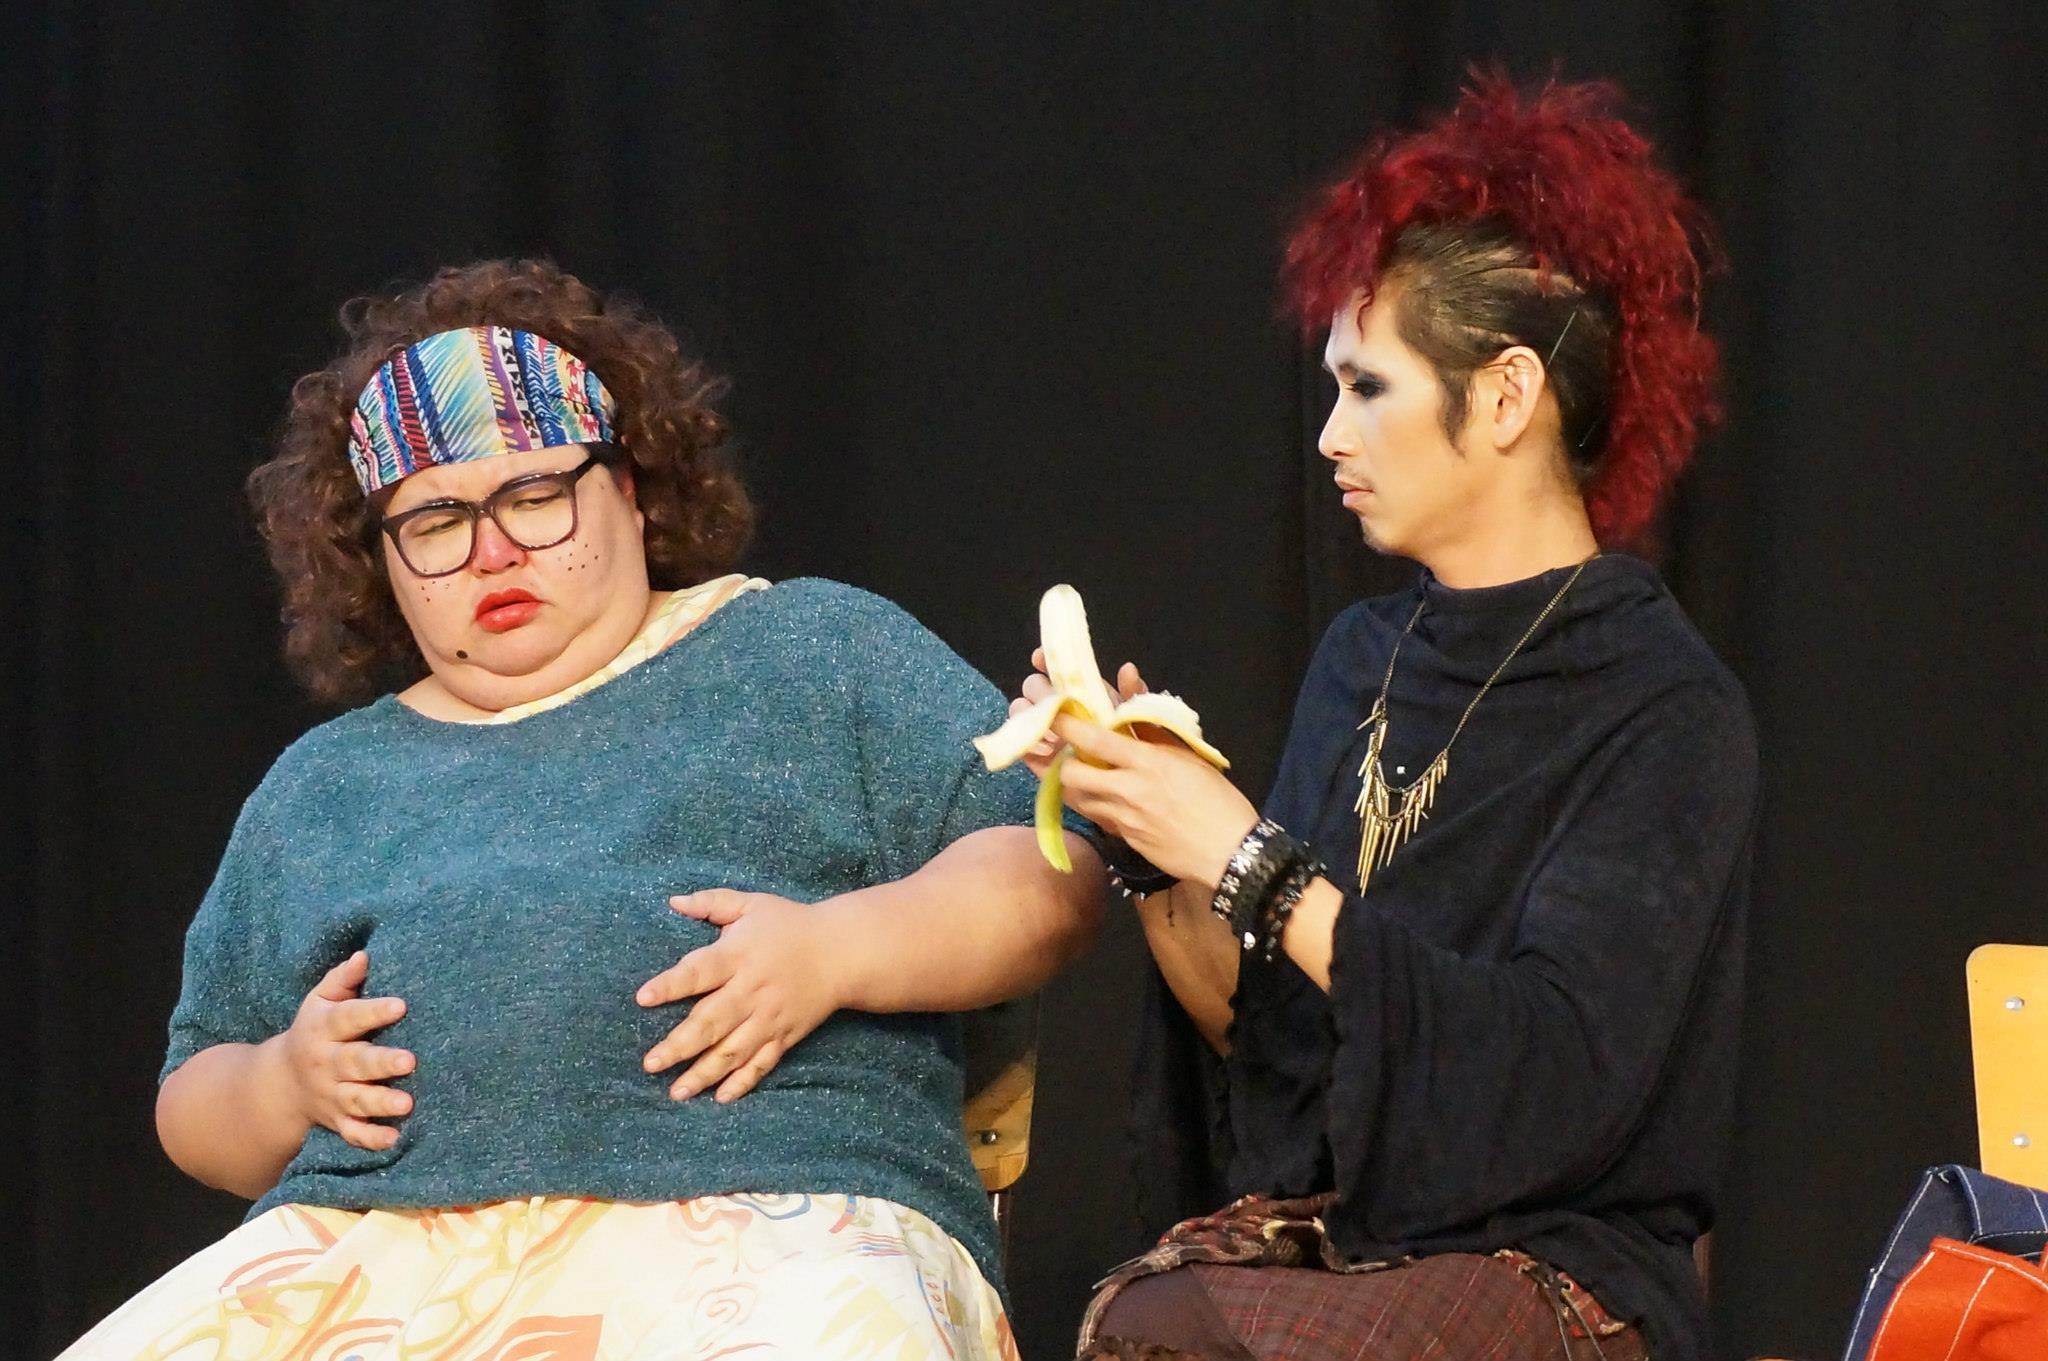 阿果参与许多舞台剧演出。